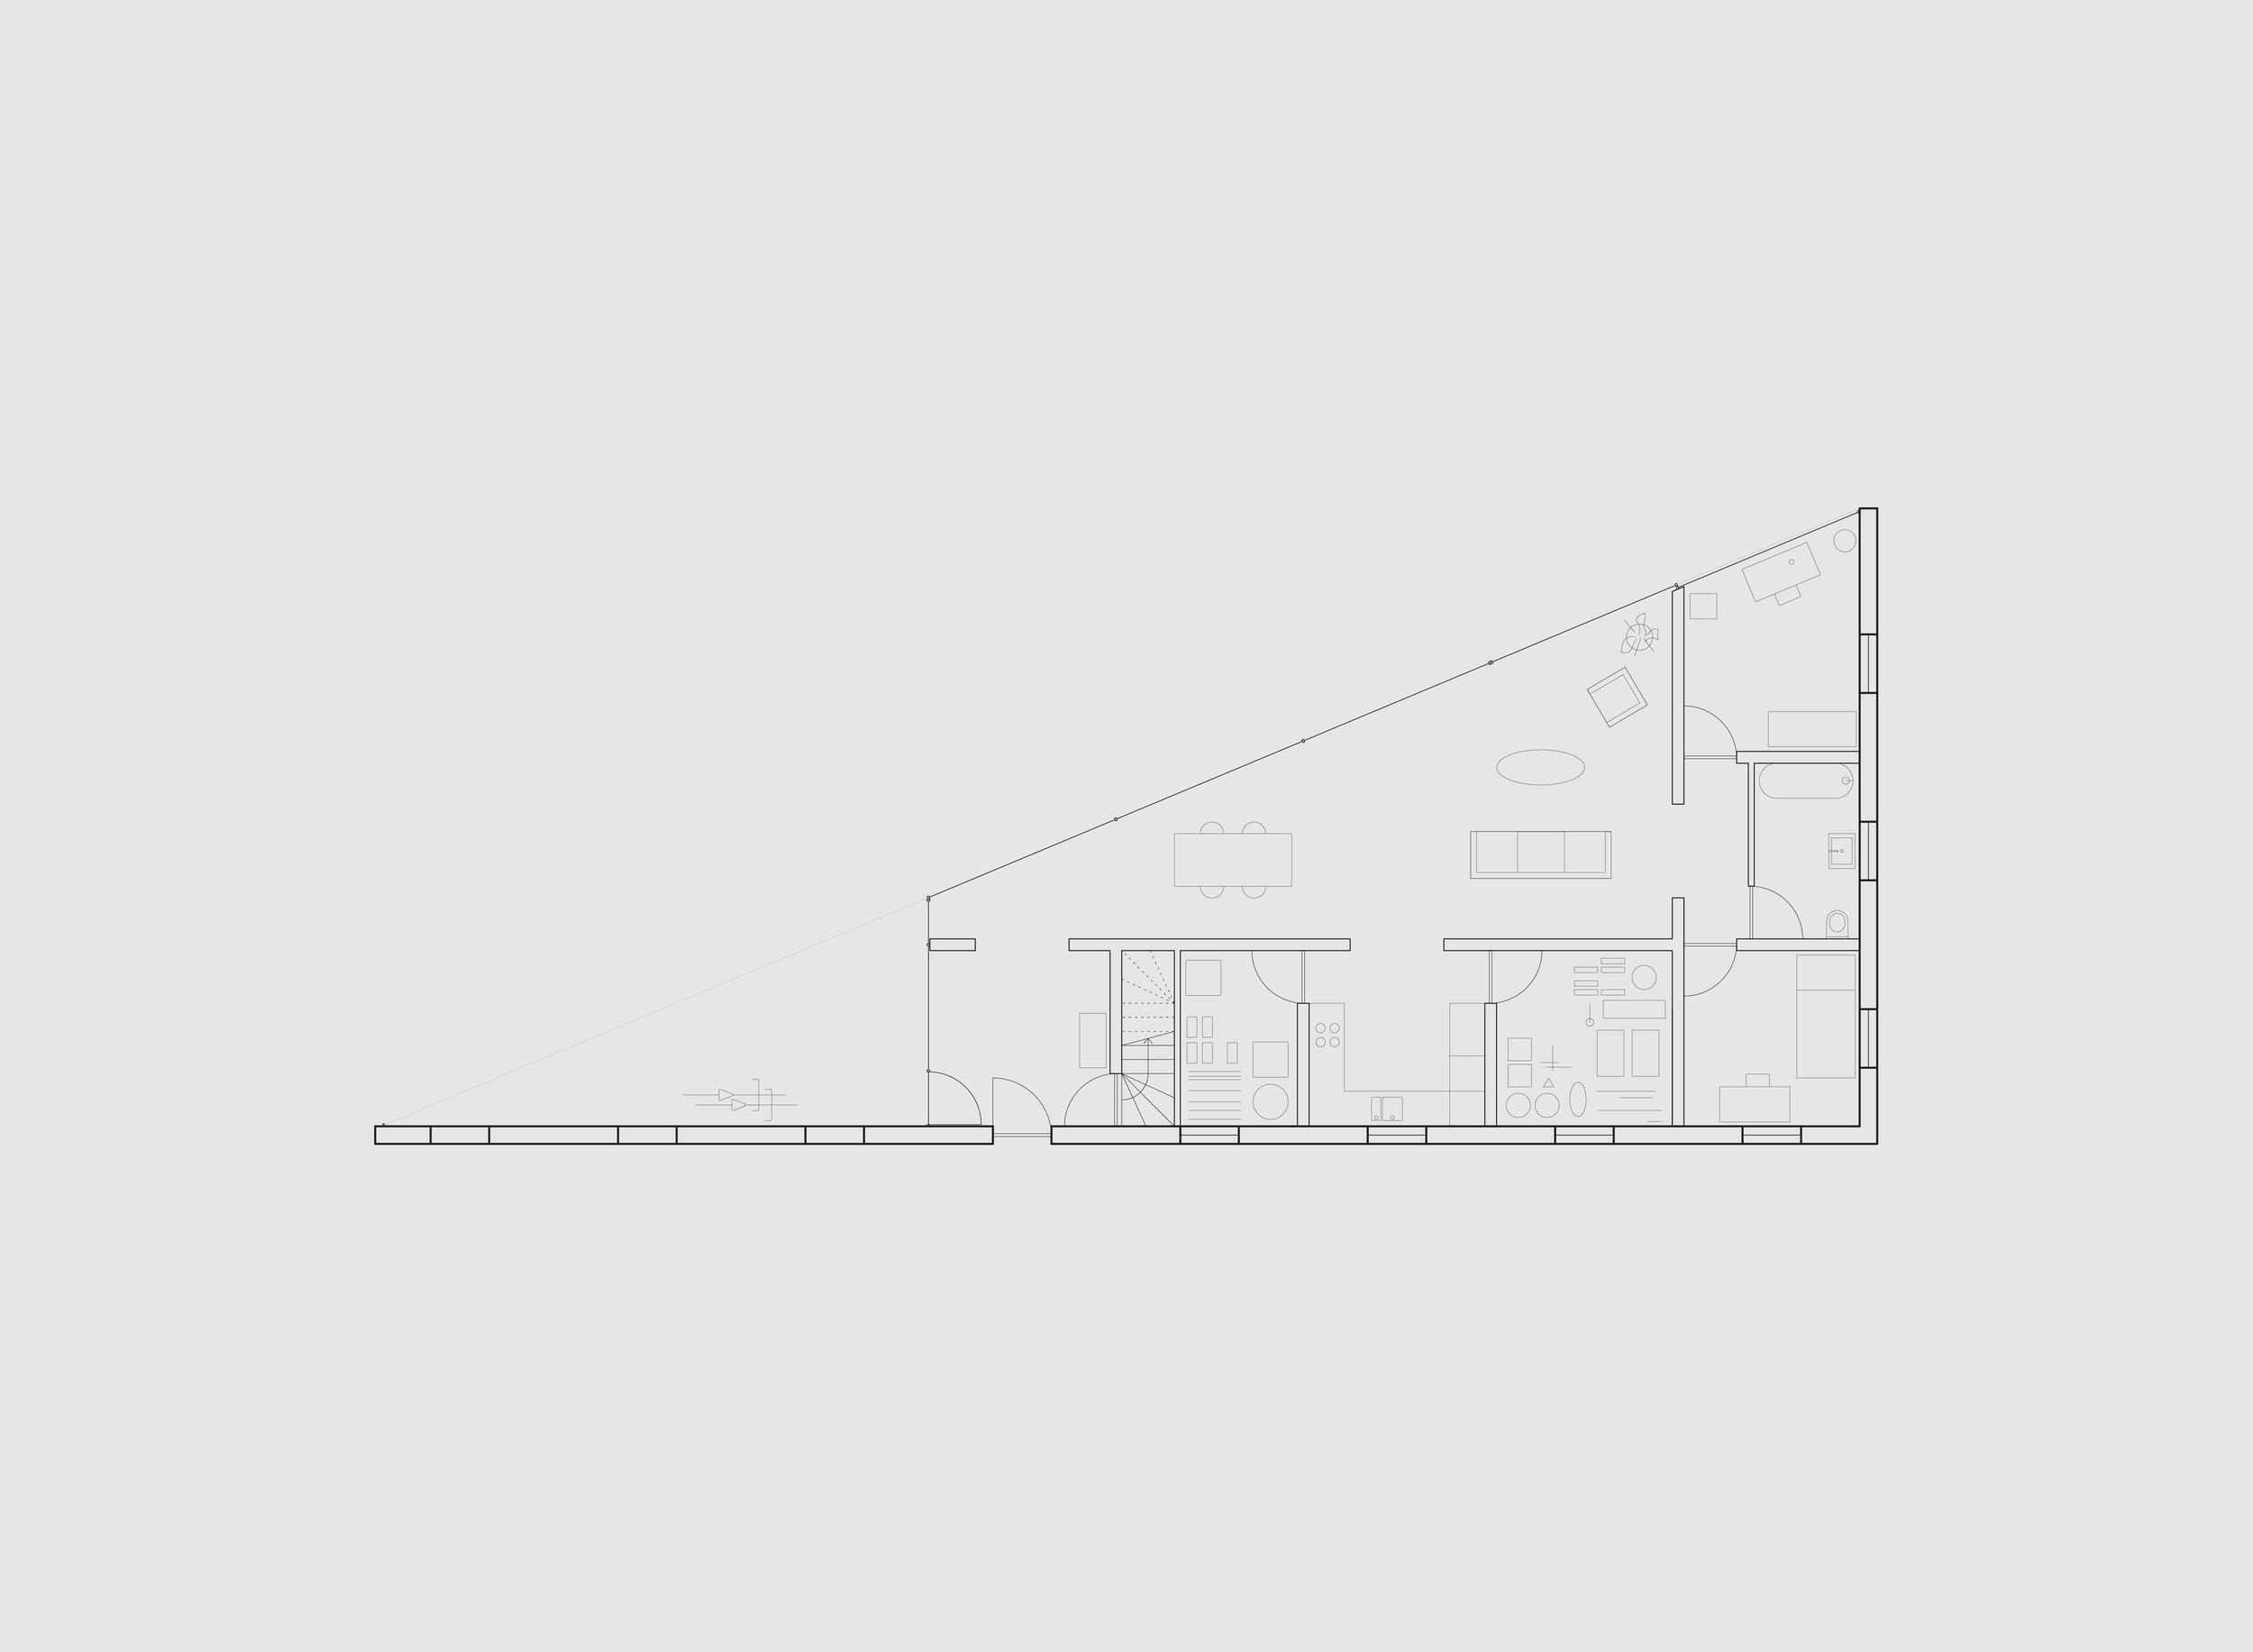 groundplan-01.jpg